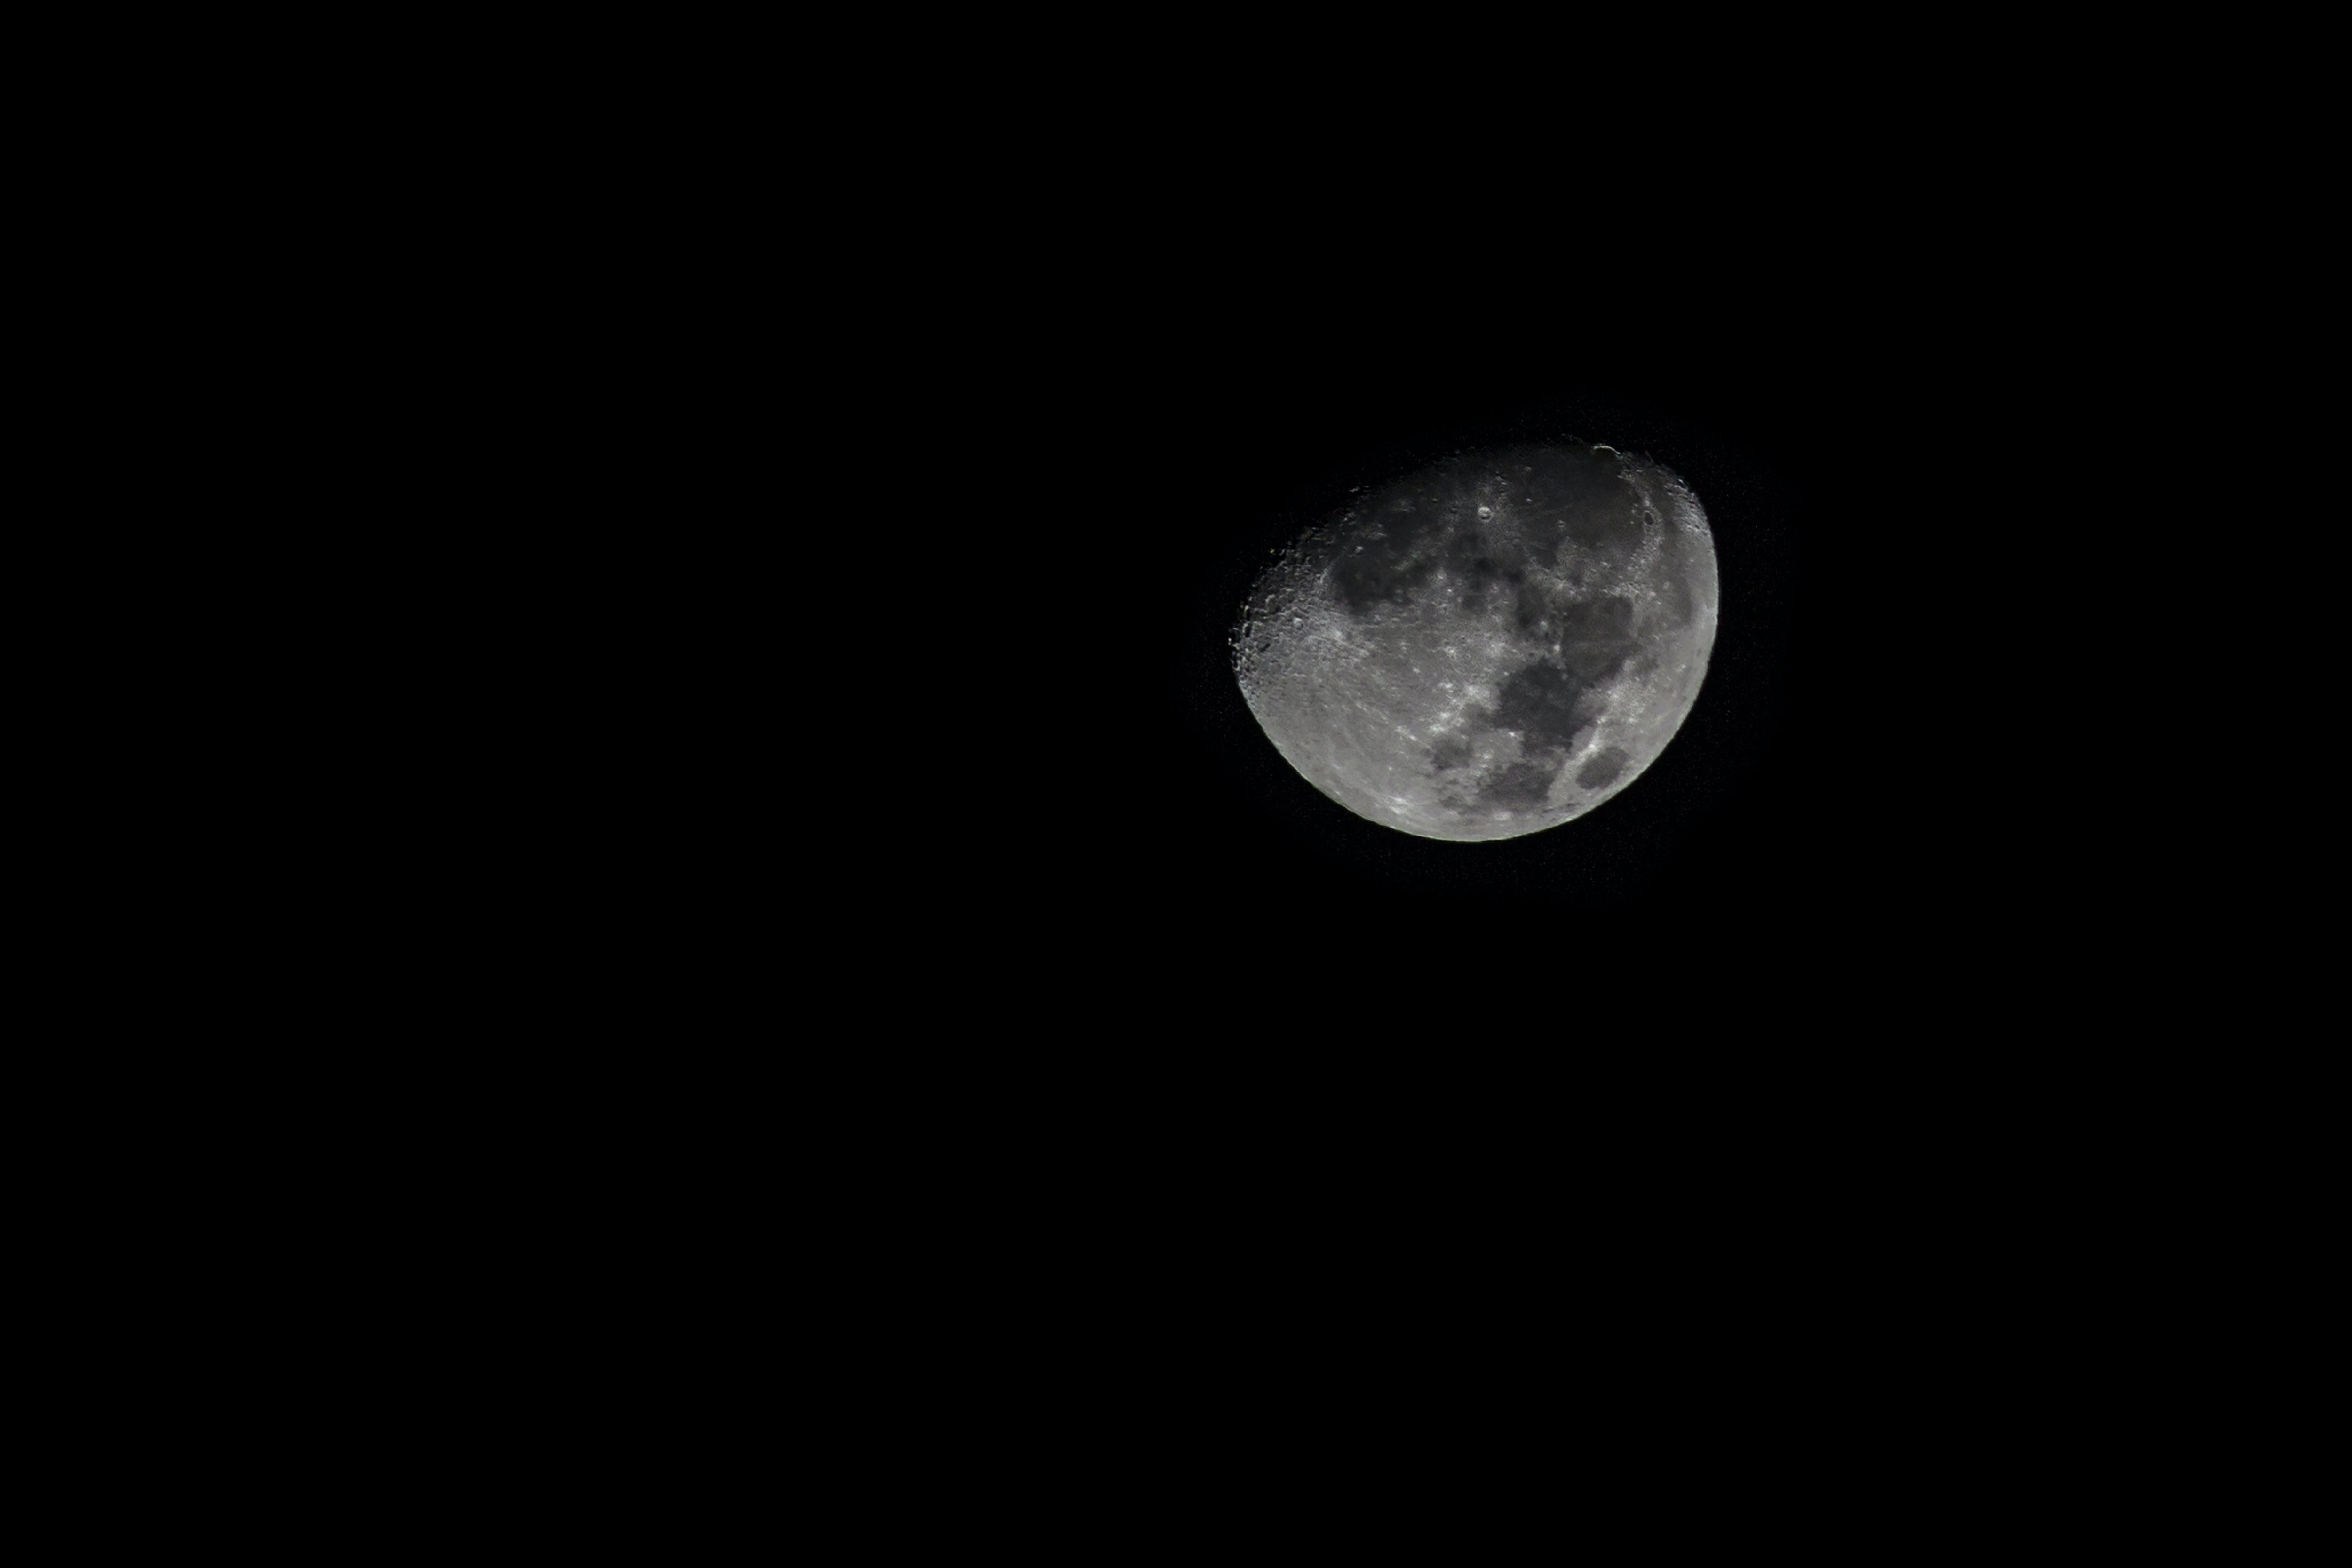 晚上, 月亮, 月光, 漆黑 的 免费素材照片